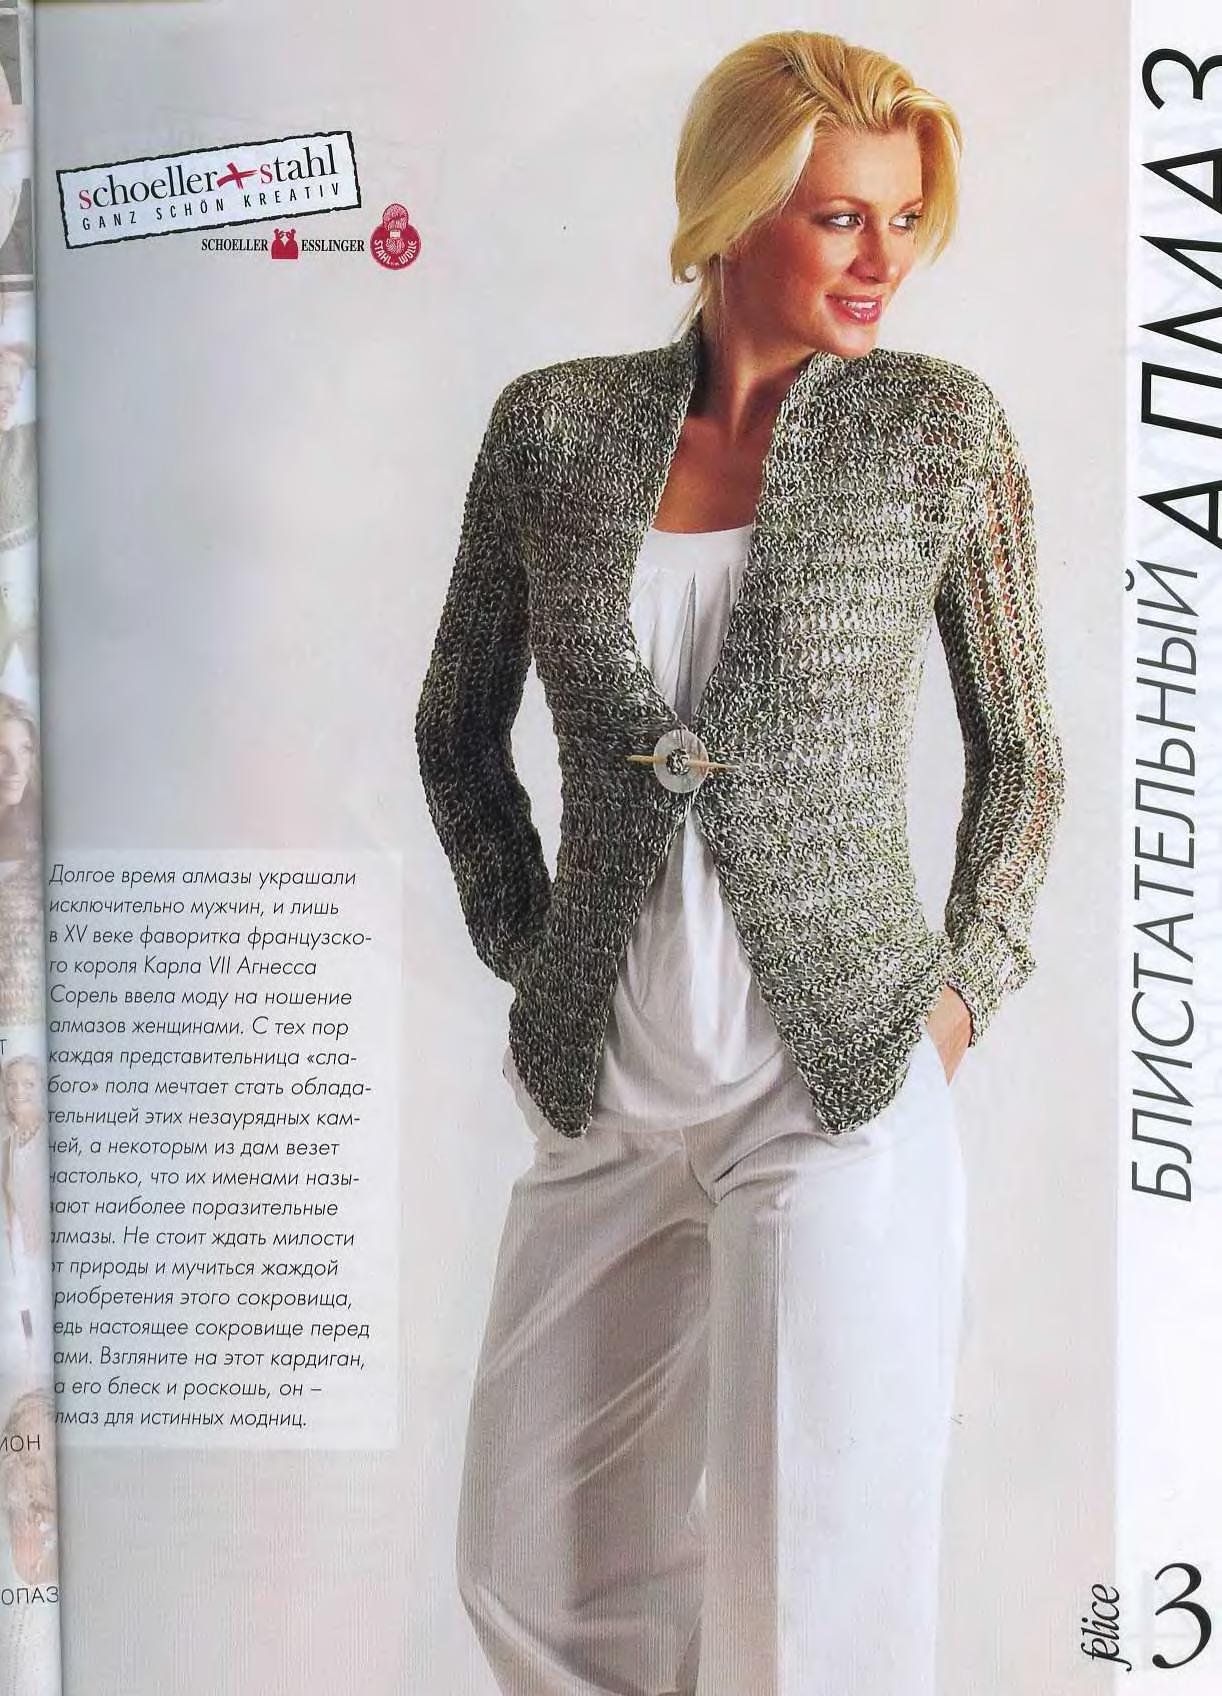 вязание спицами женские модели с описанием